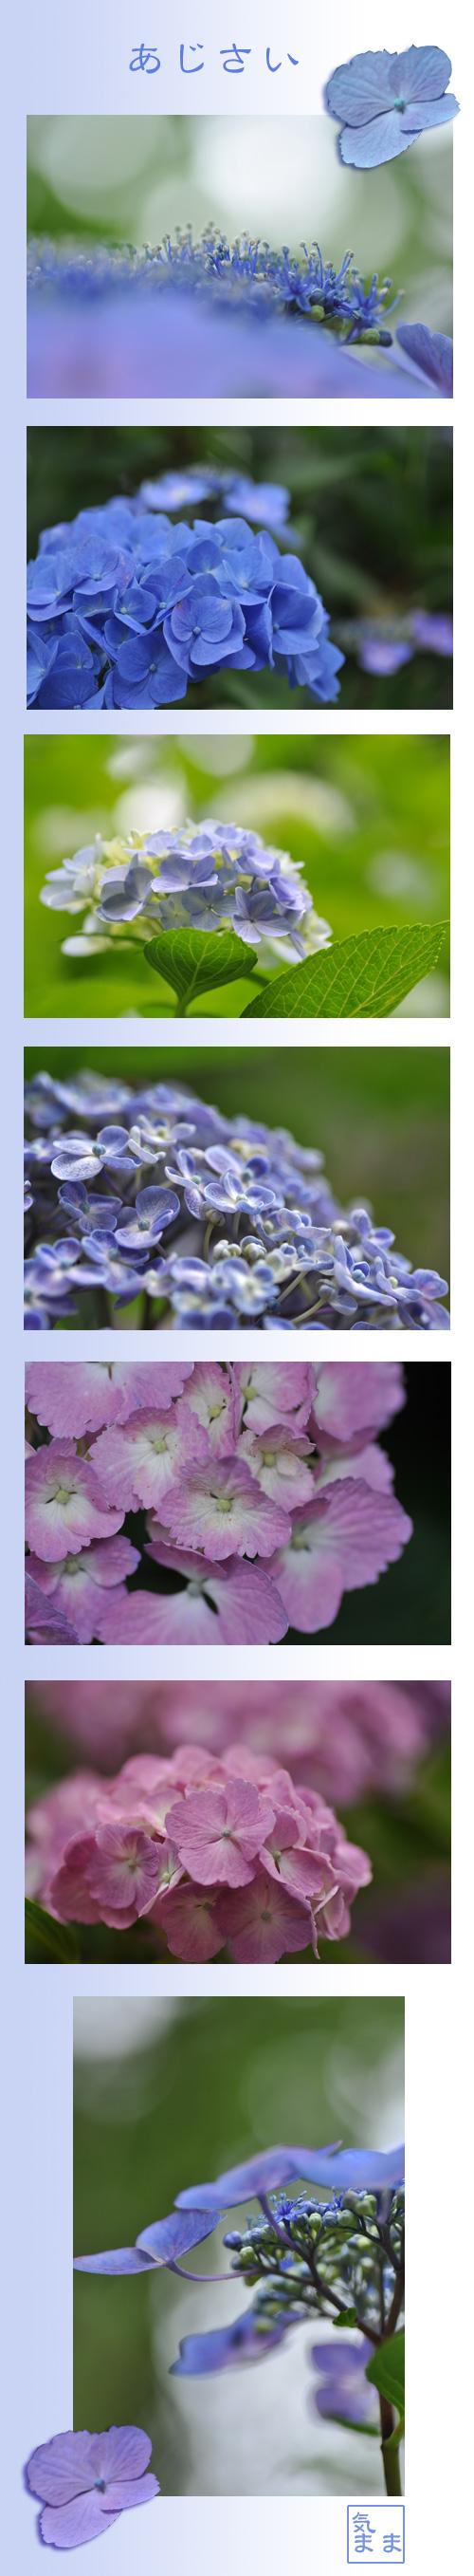 6月22日紫陽花2